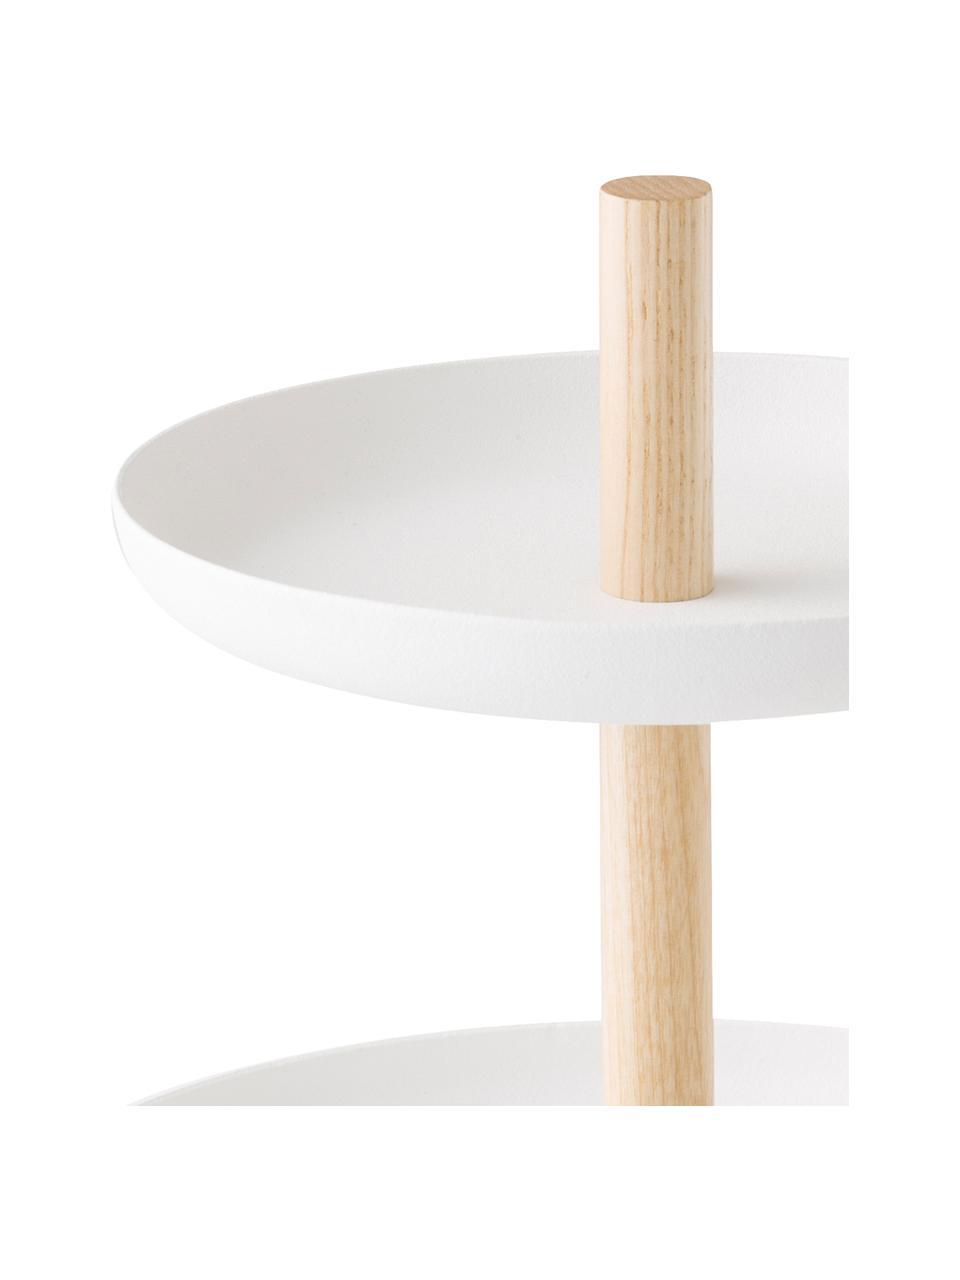 XS Etagere Tosca aus Stahl und Holz, Ø 20 cm, Stange: Holz, Weiß, Braun, 20 x 24 cm